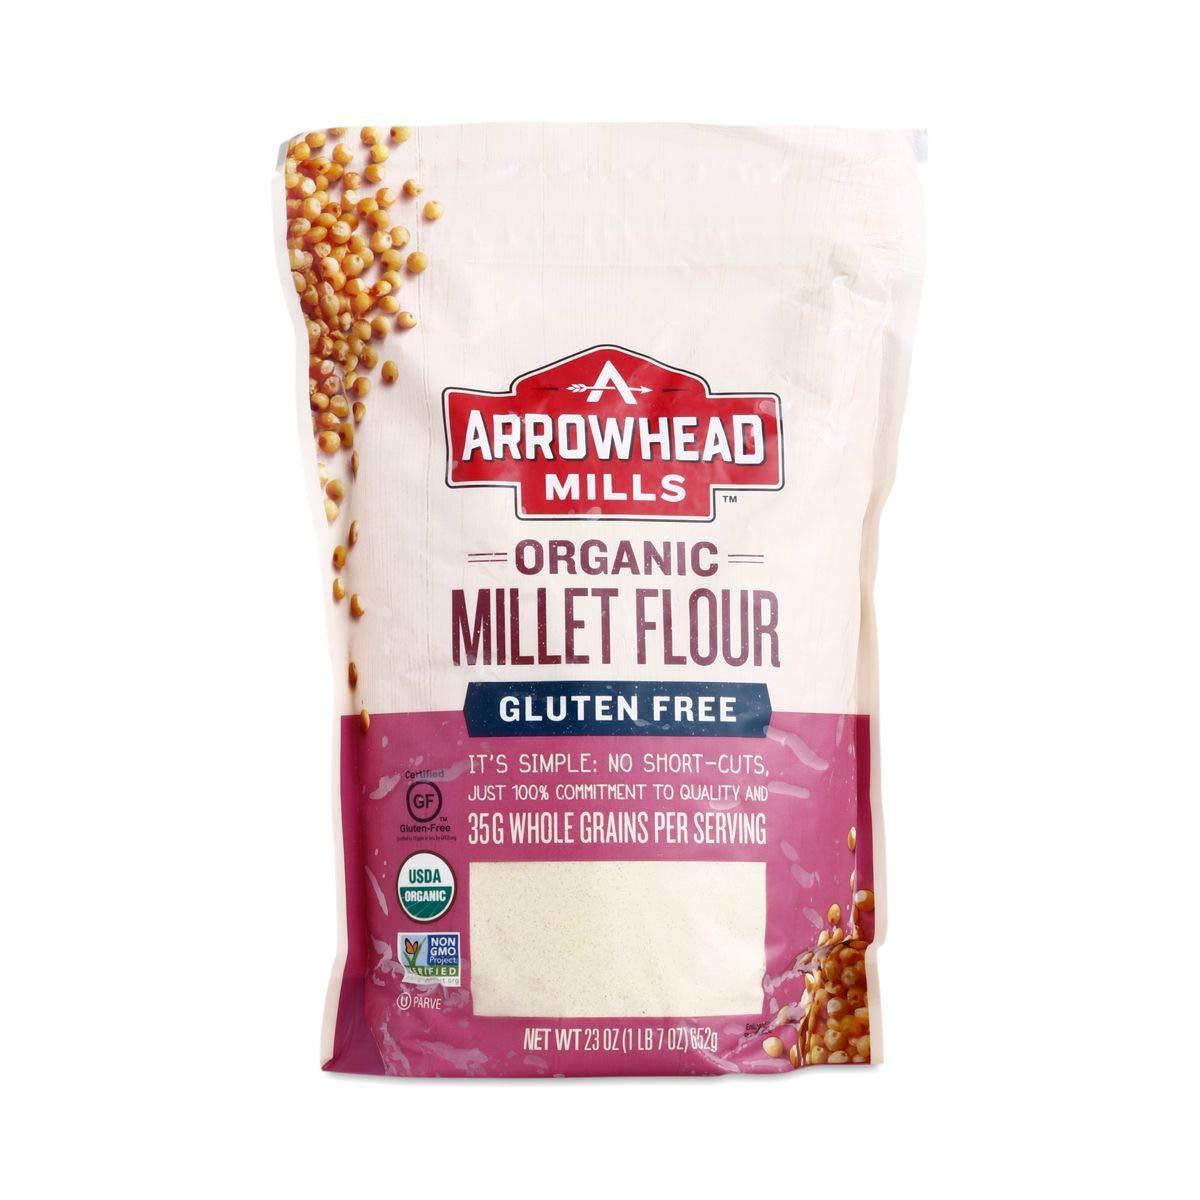 Arrowhead Mills, Flour Millet Organic, 23 Ounce by Arrowhead Mills (Image #1)